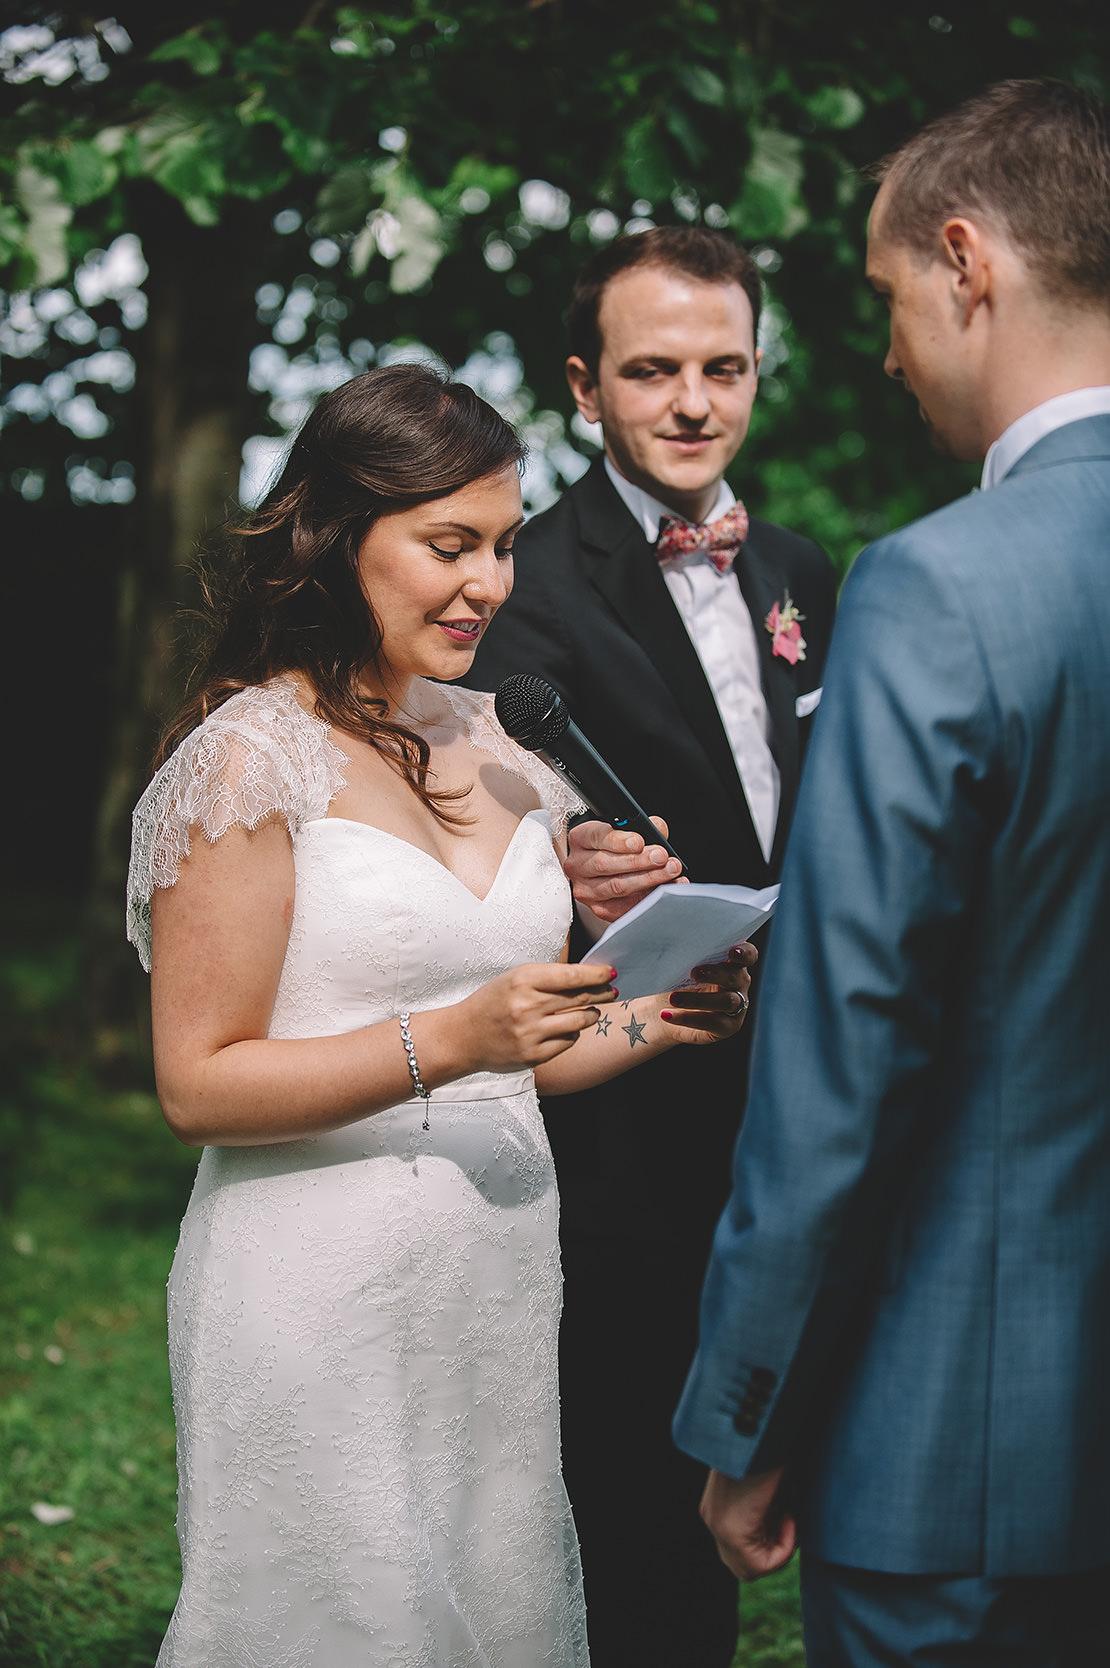 romantique-mariage-silvia&thomas-monika-breitenmoser-photographe-mariage-nyon (105)